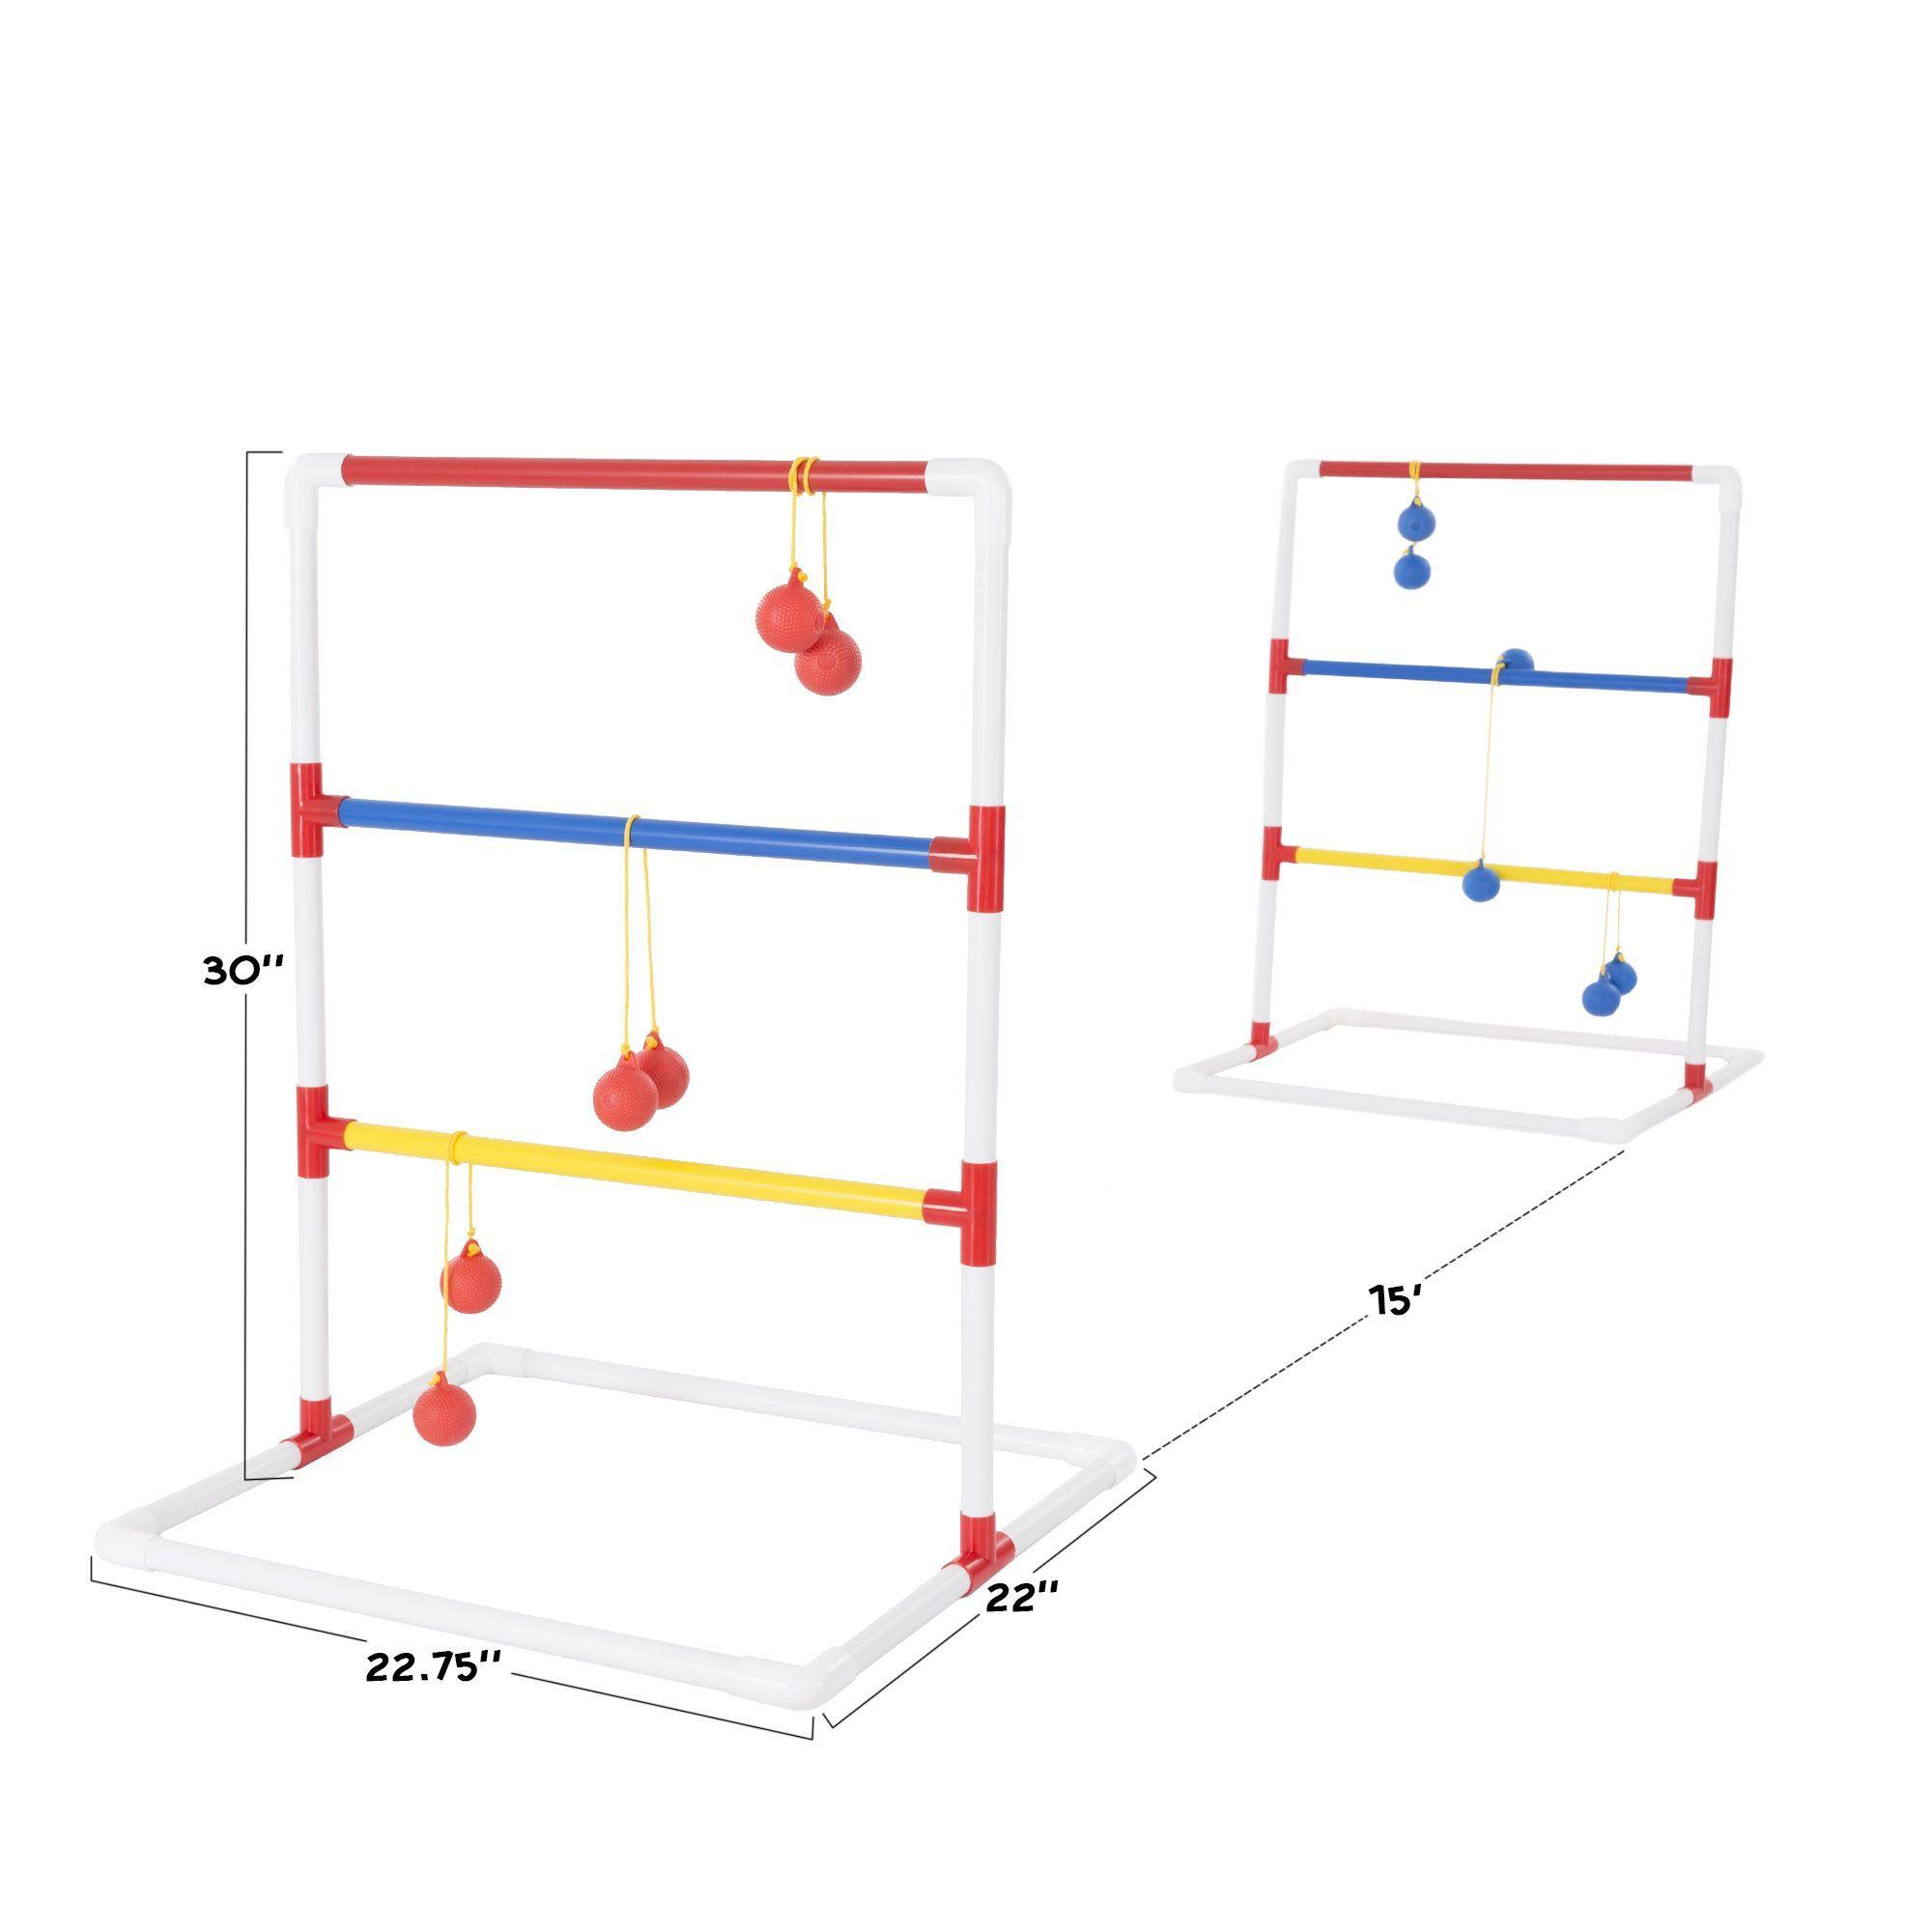 Ladder Toss Plastic Outdoor Game Set Ladder Toss Outdoor Games Cornhole Set